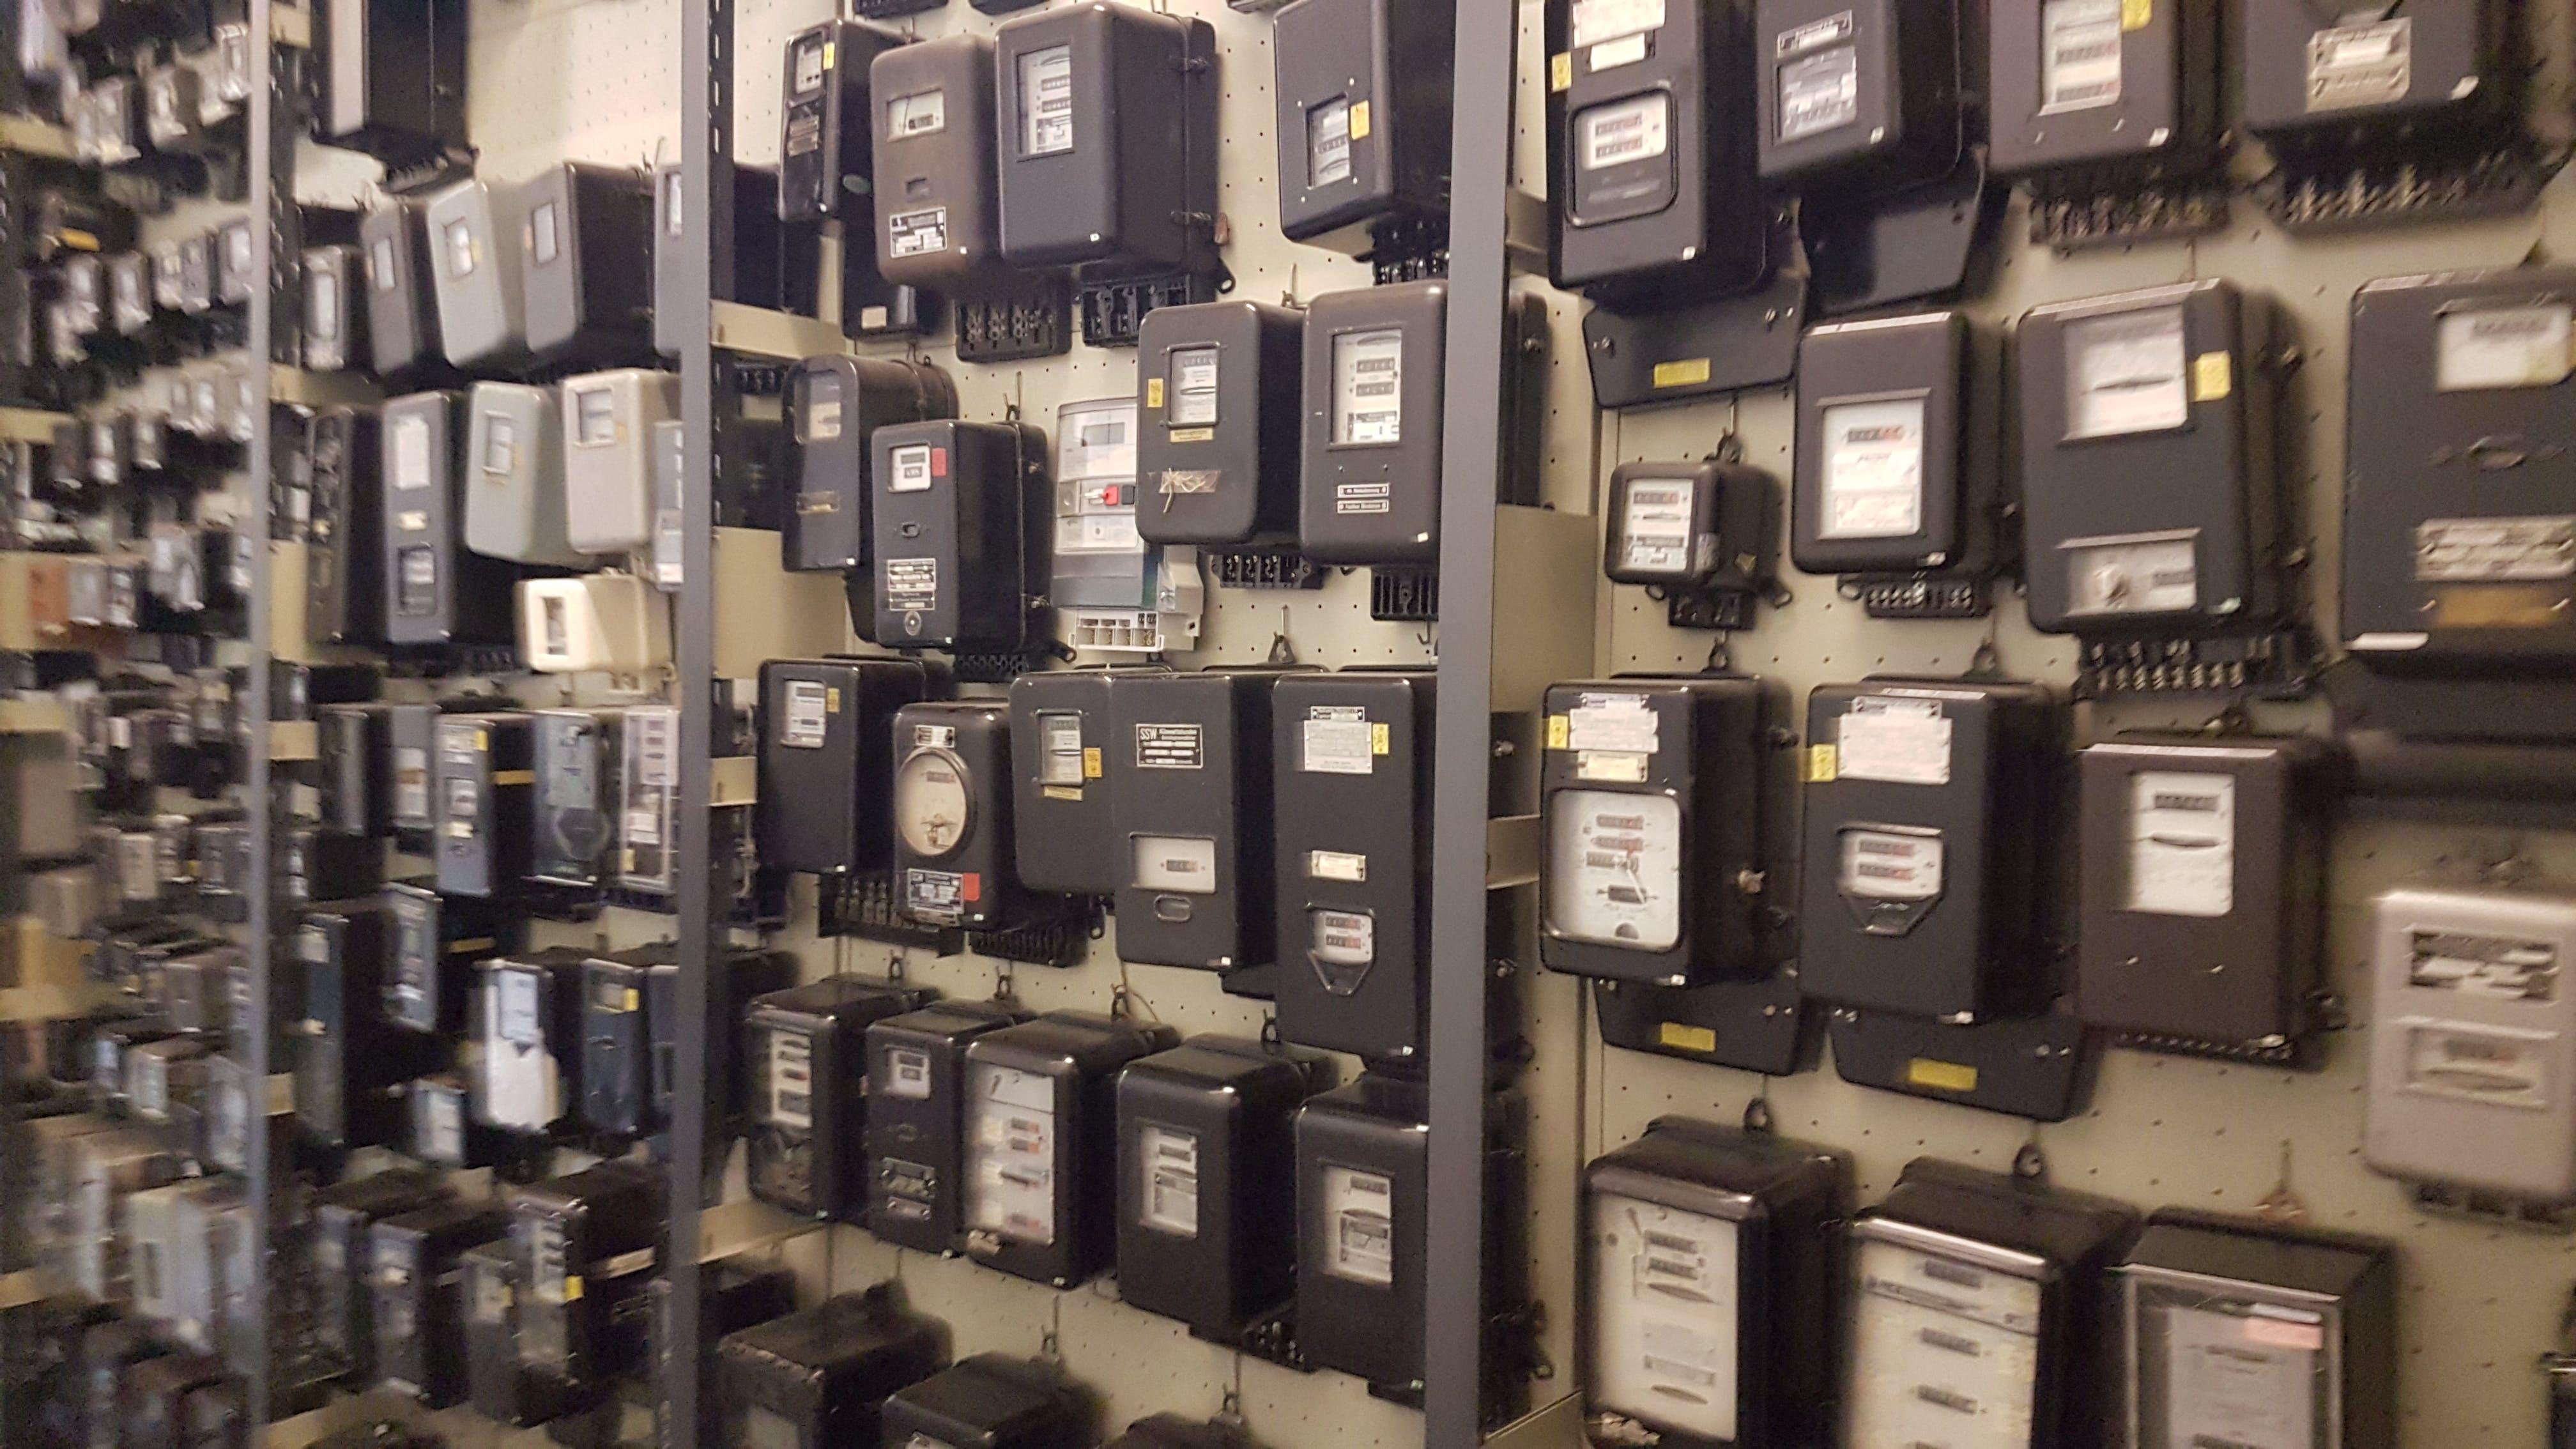 Free stock photo of Electricity meters, Energy meters, KwH meters